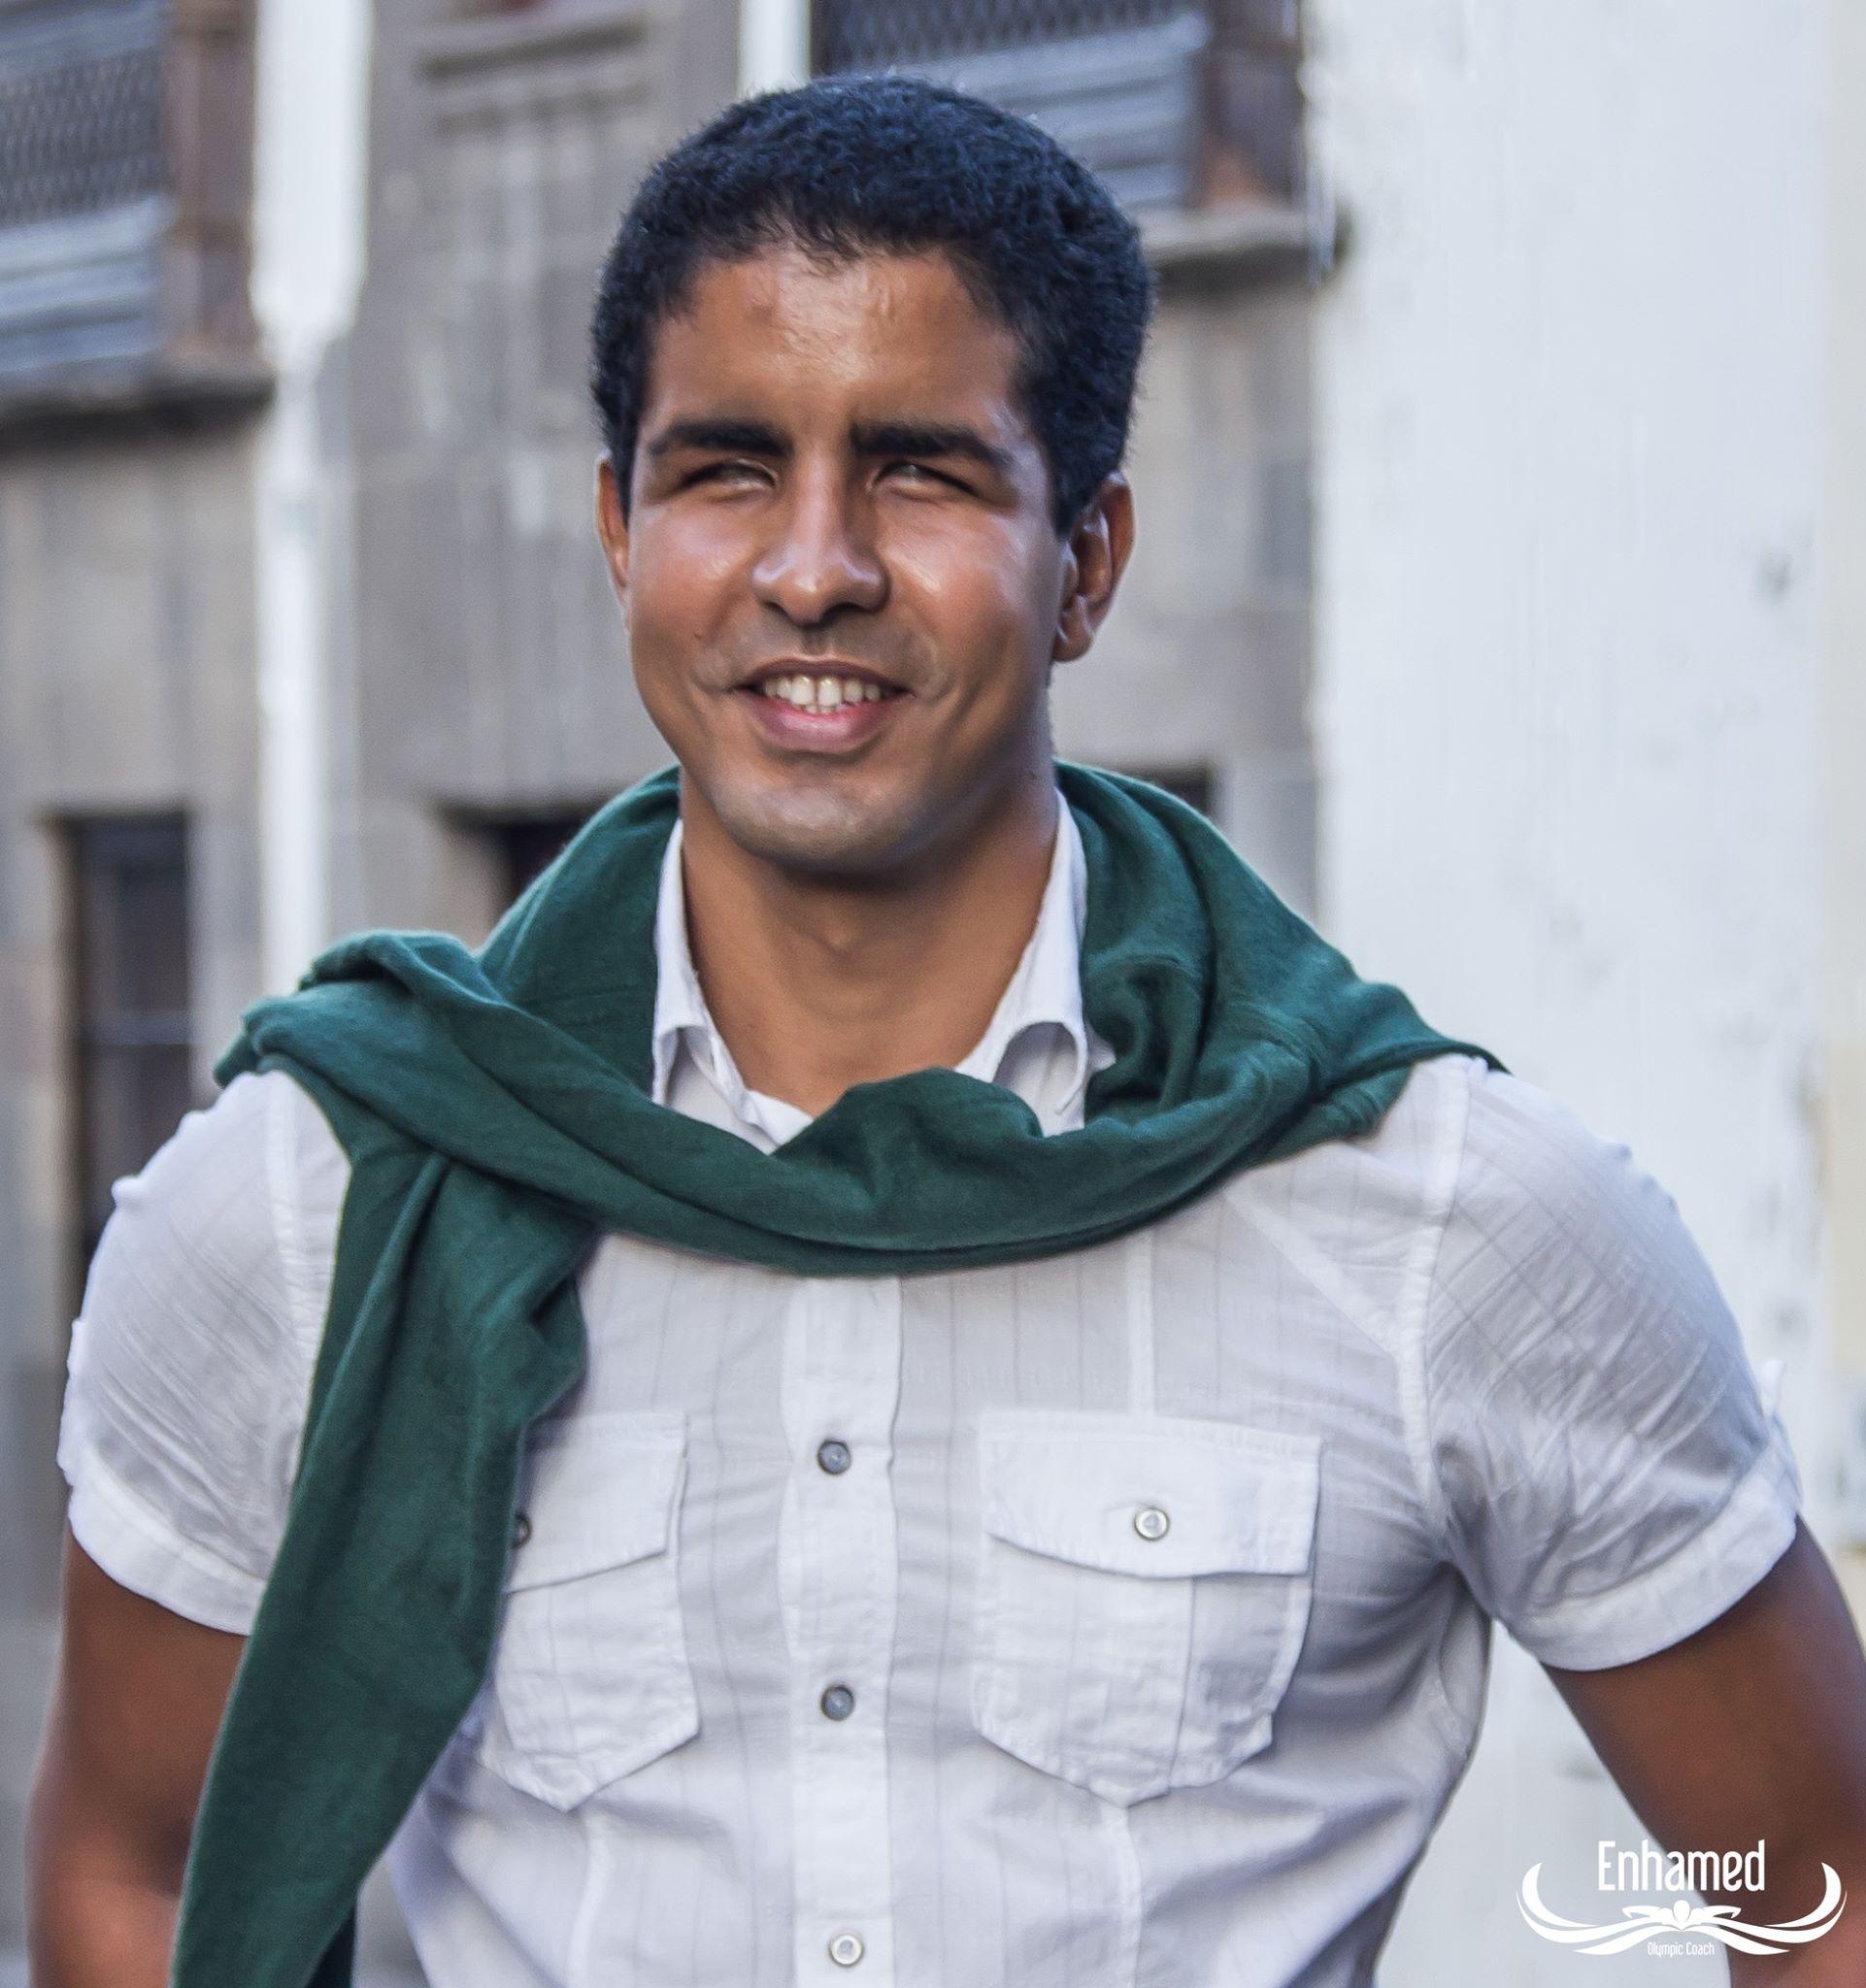 Enhamed Enhamed ha conseguido hacer de la superación de retos una forma de vida.